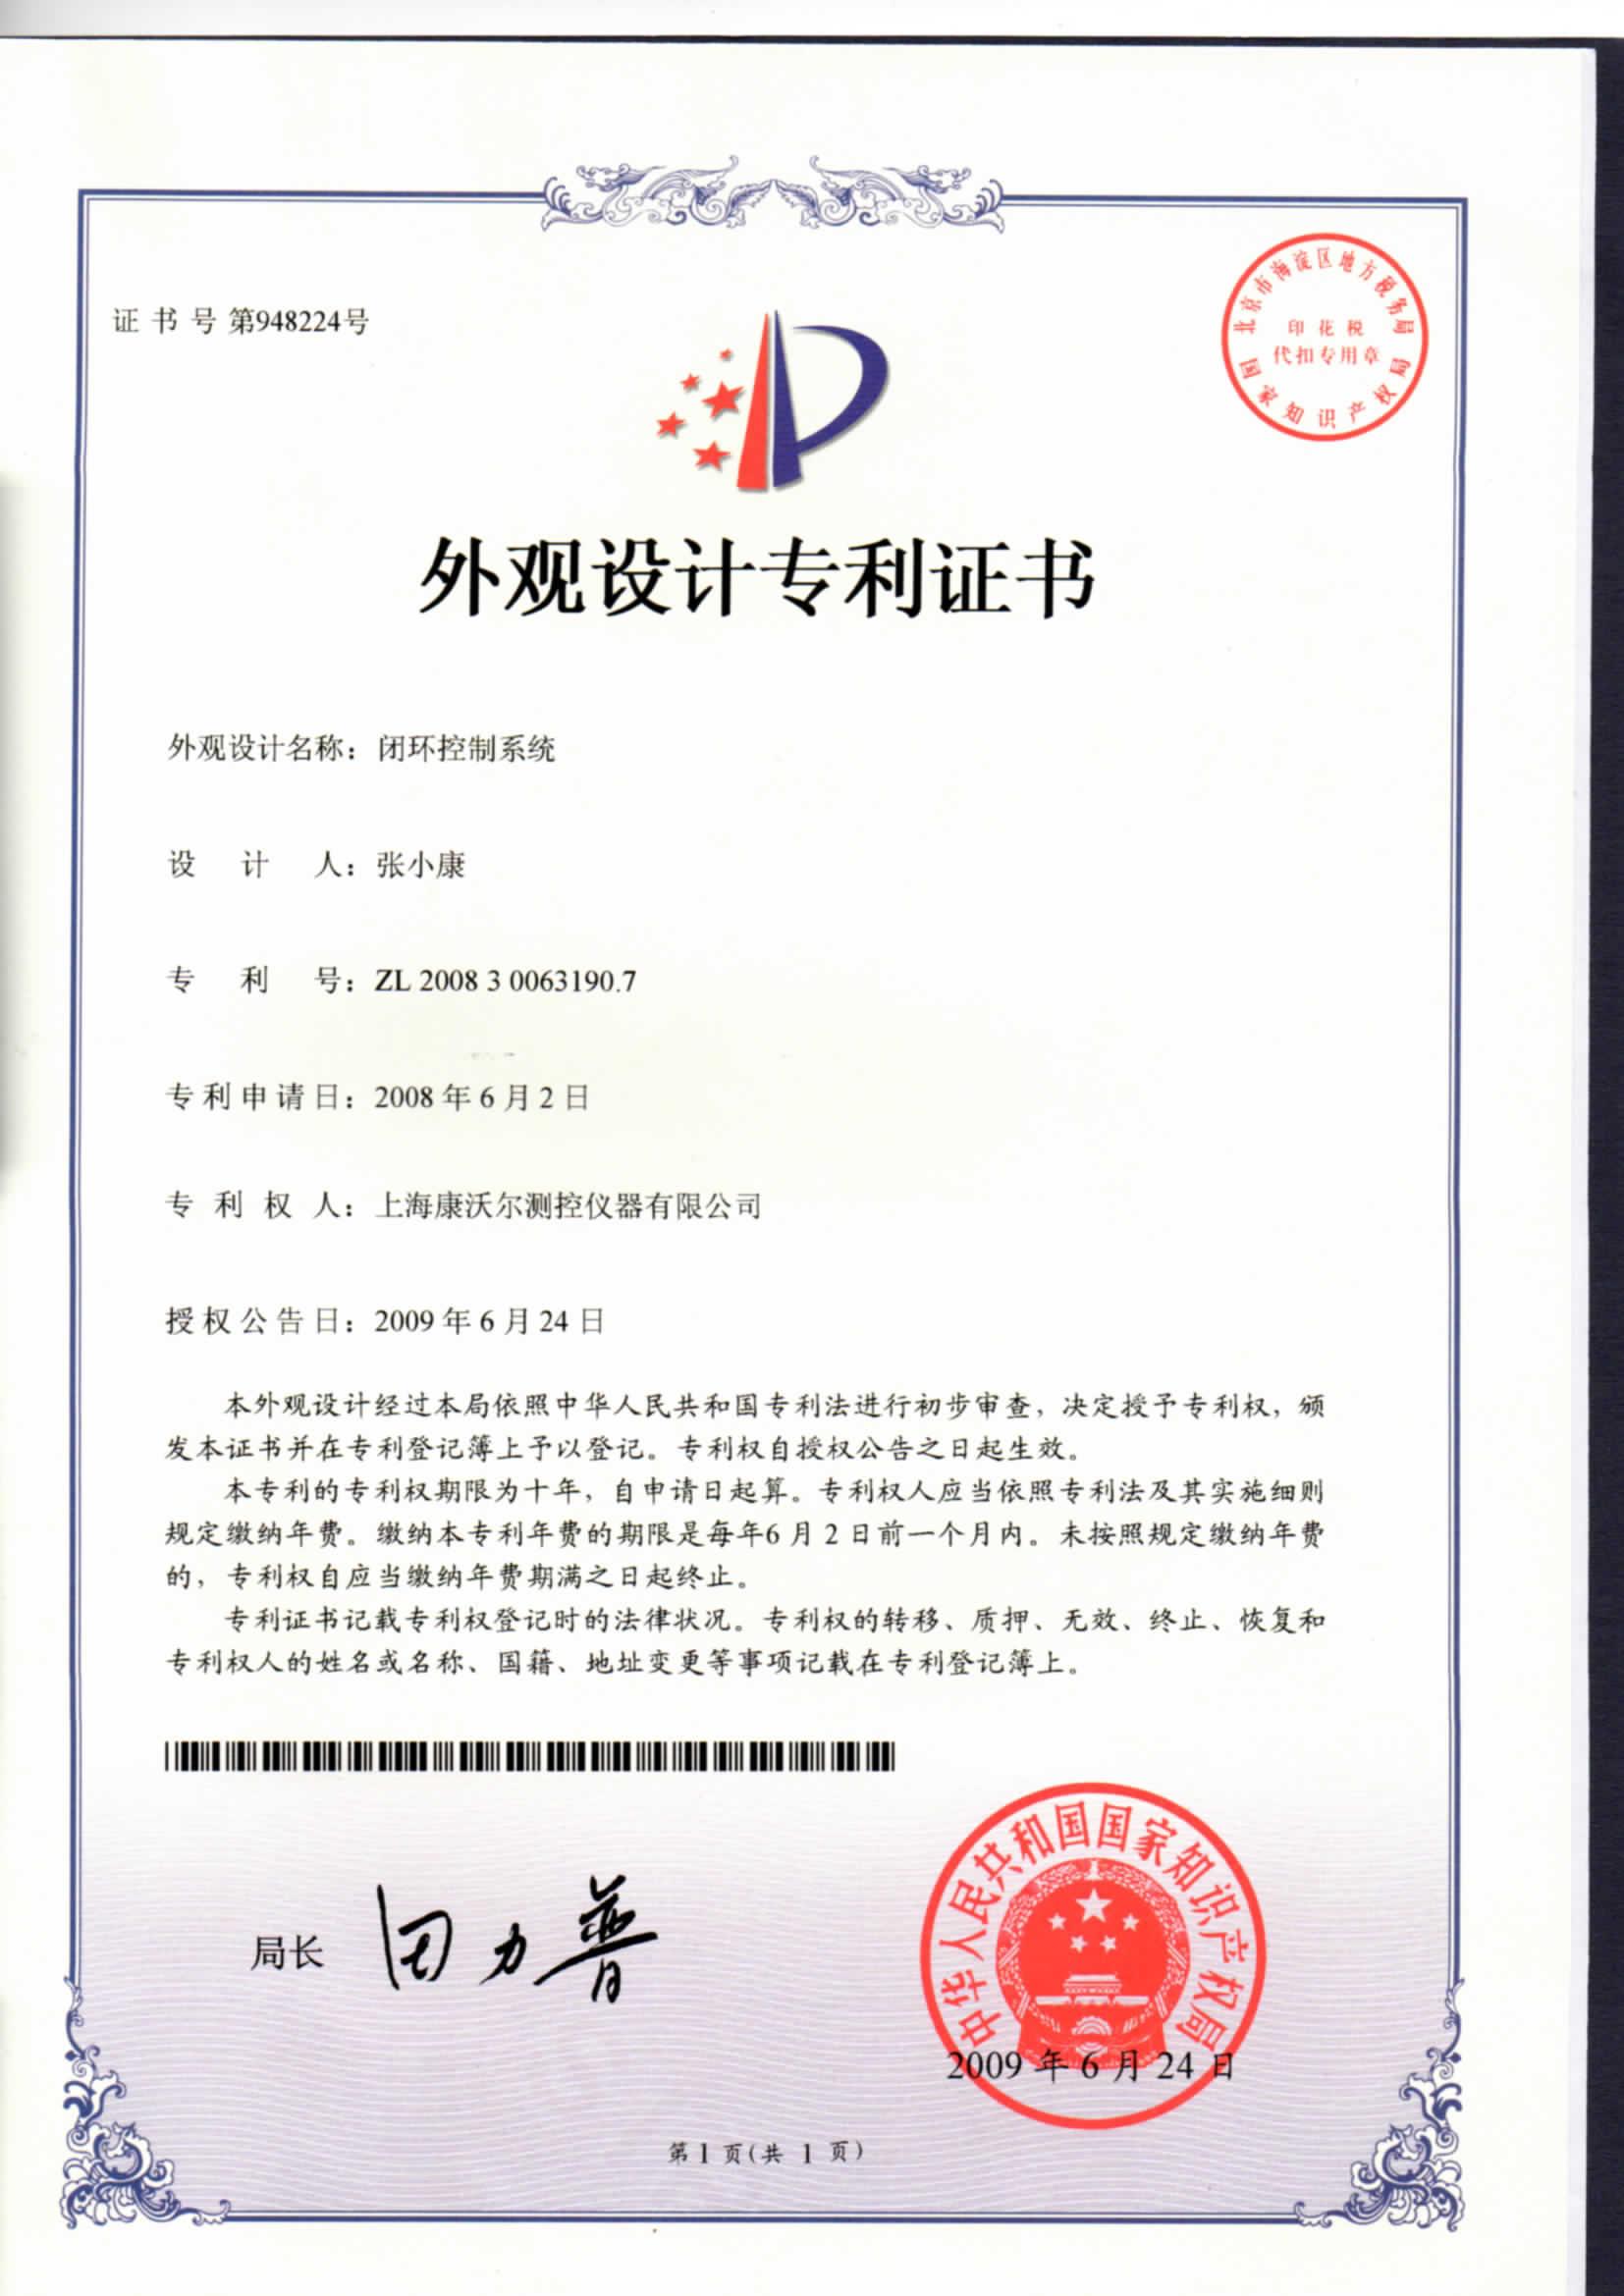 專利證書-閉環控制系統